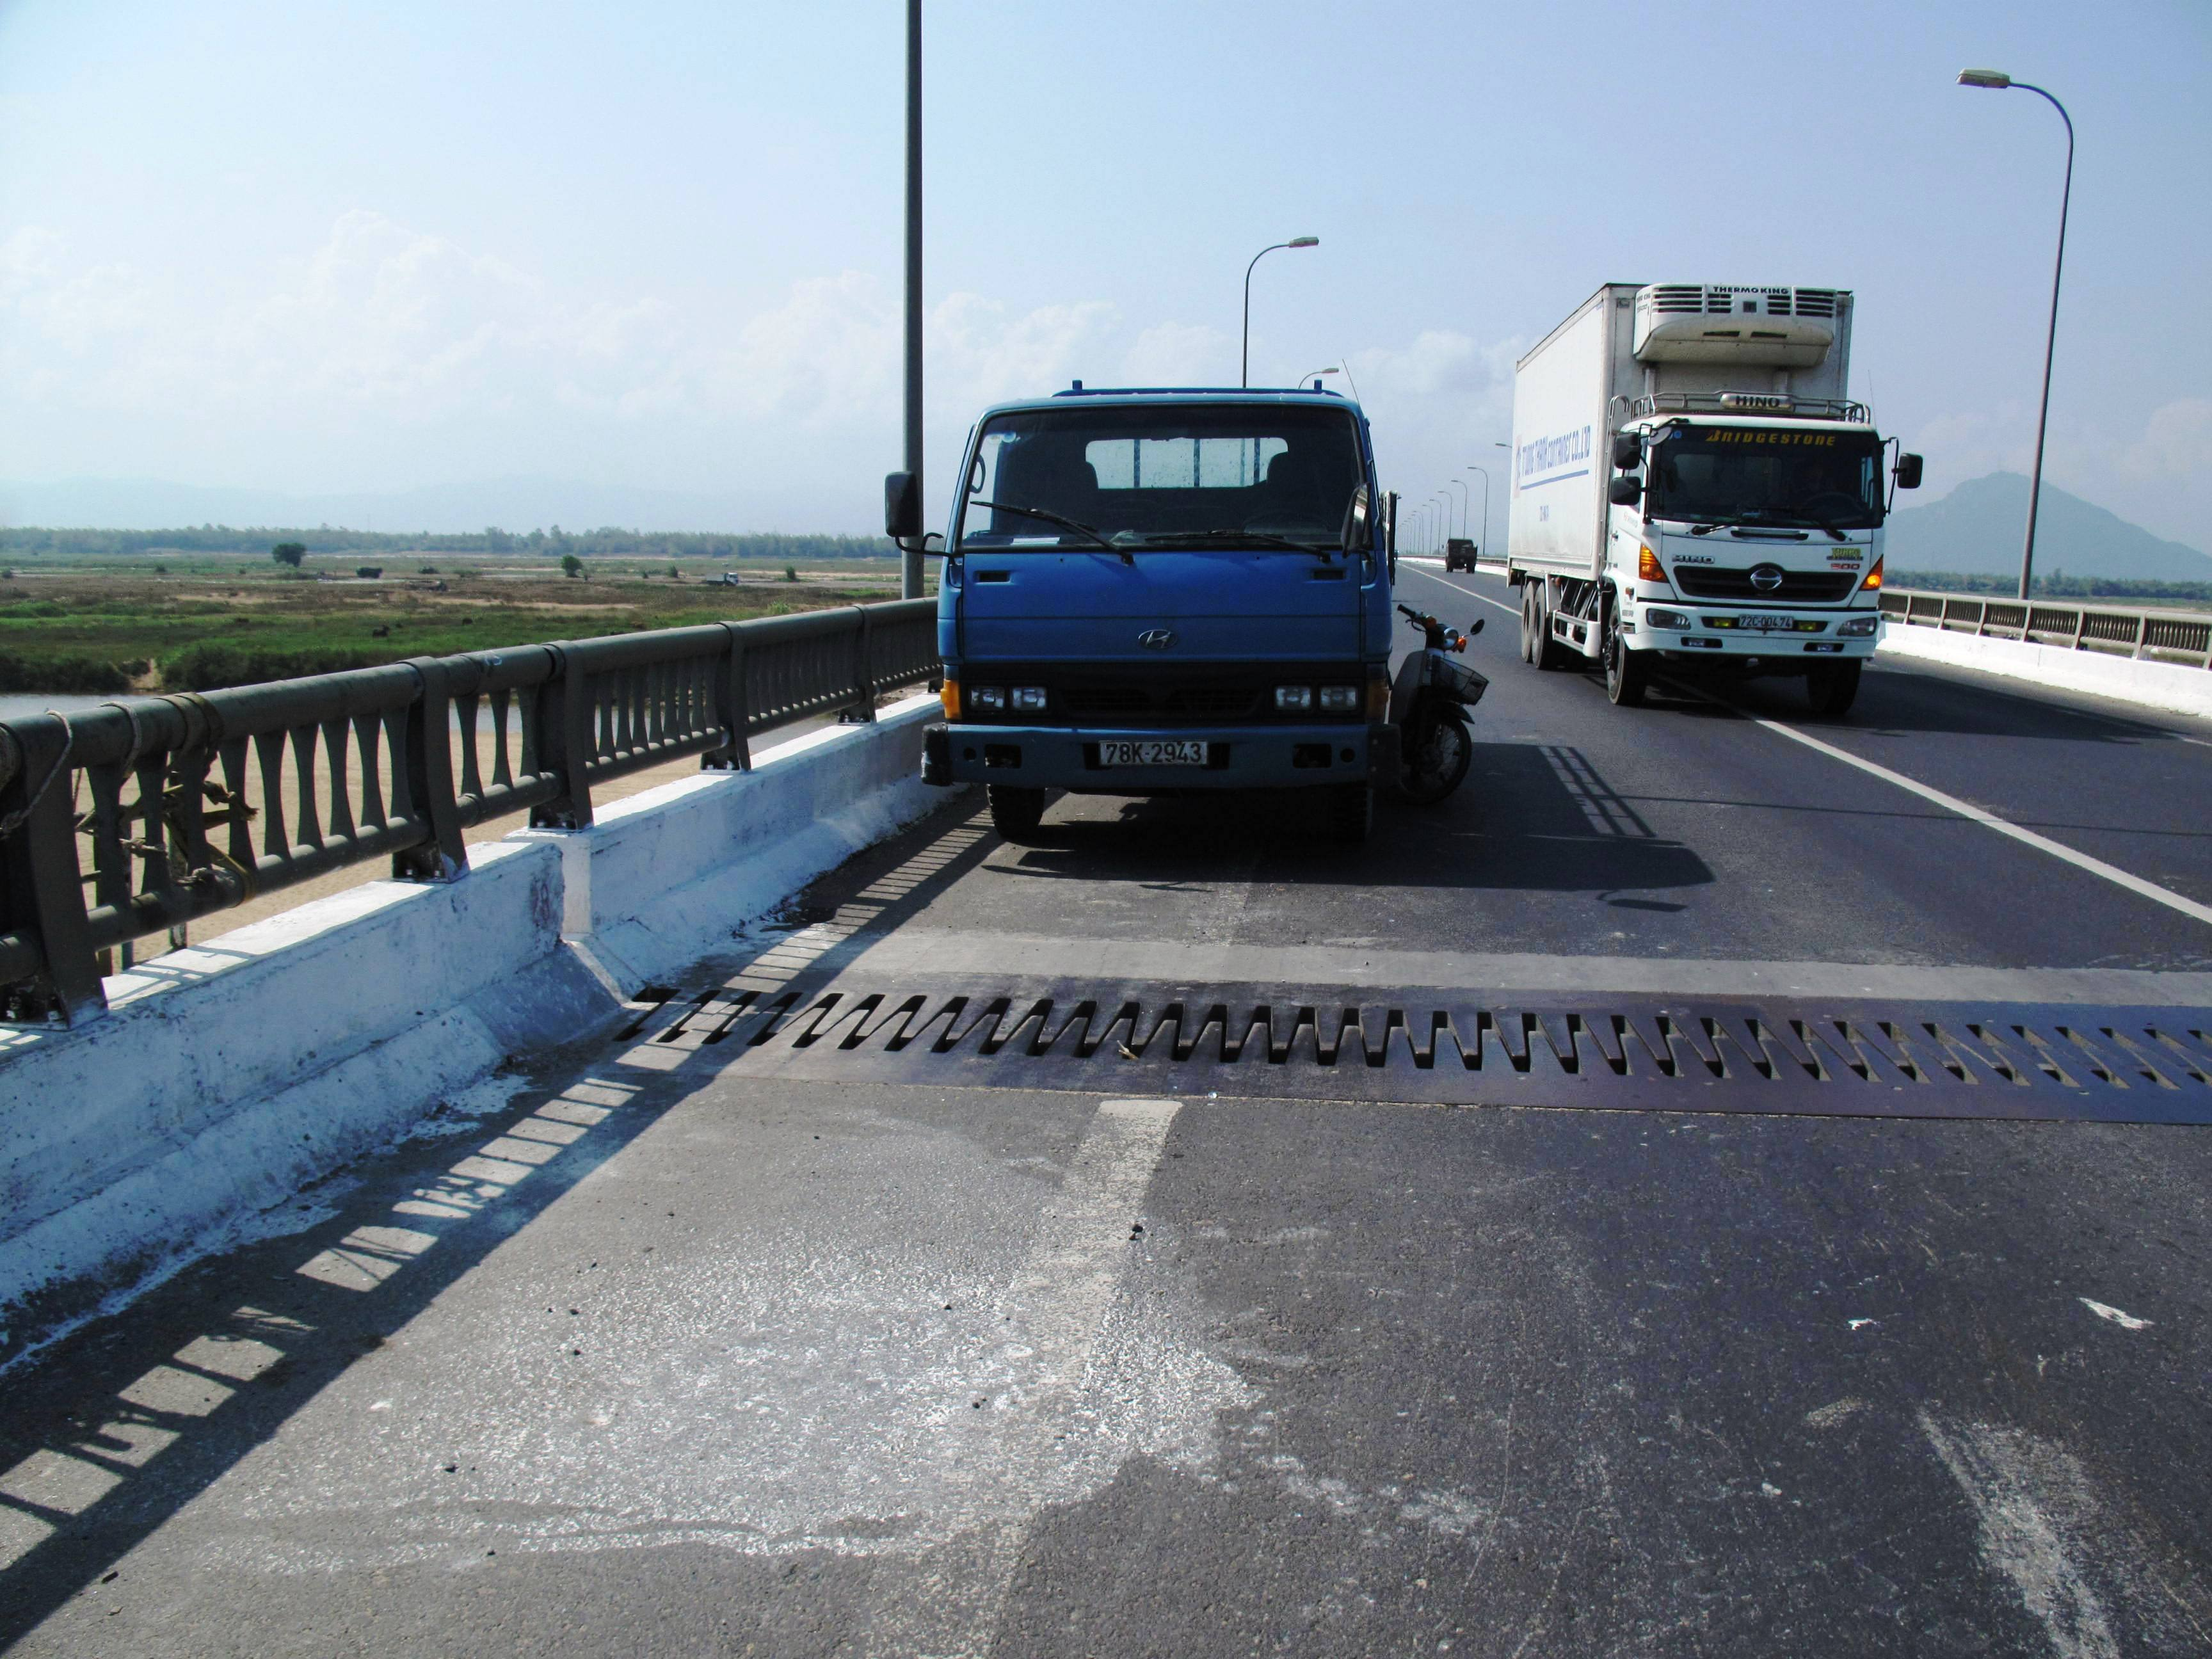 Việc khắc phục sự cố xê dịch ở cầu Đà Rằng tạm xong, lưu thông trở lại bình thường